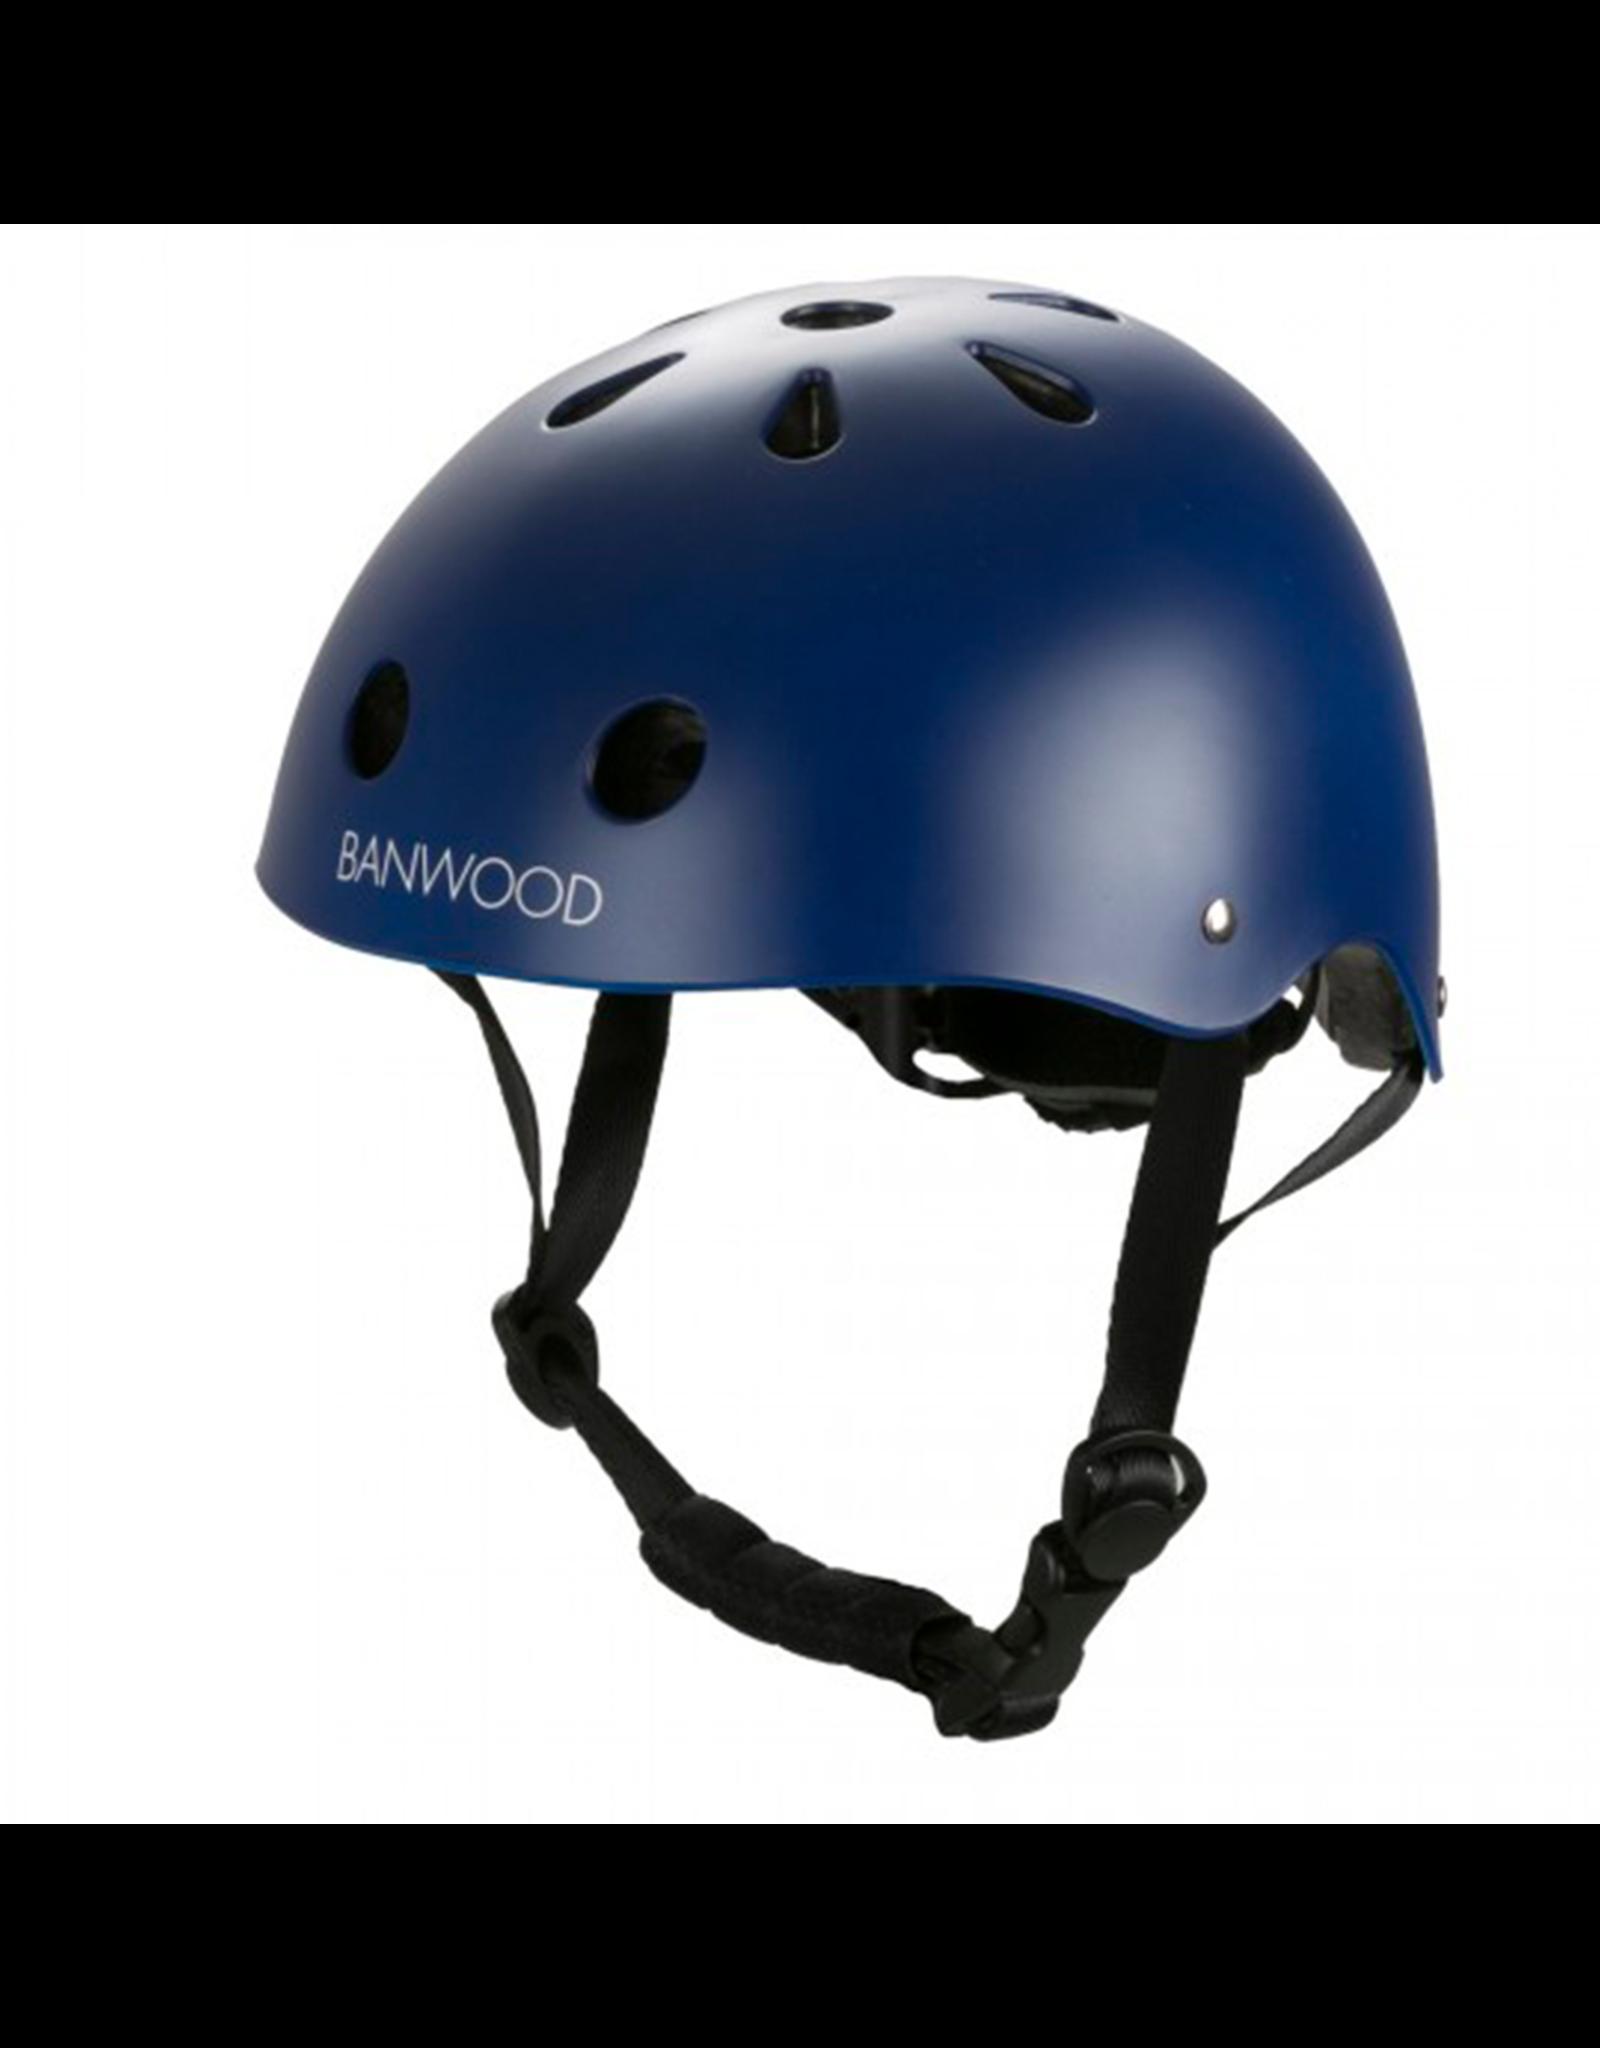 Banwood Classic Helmet